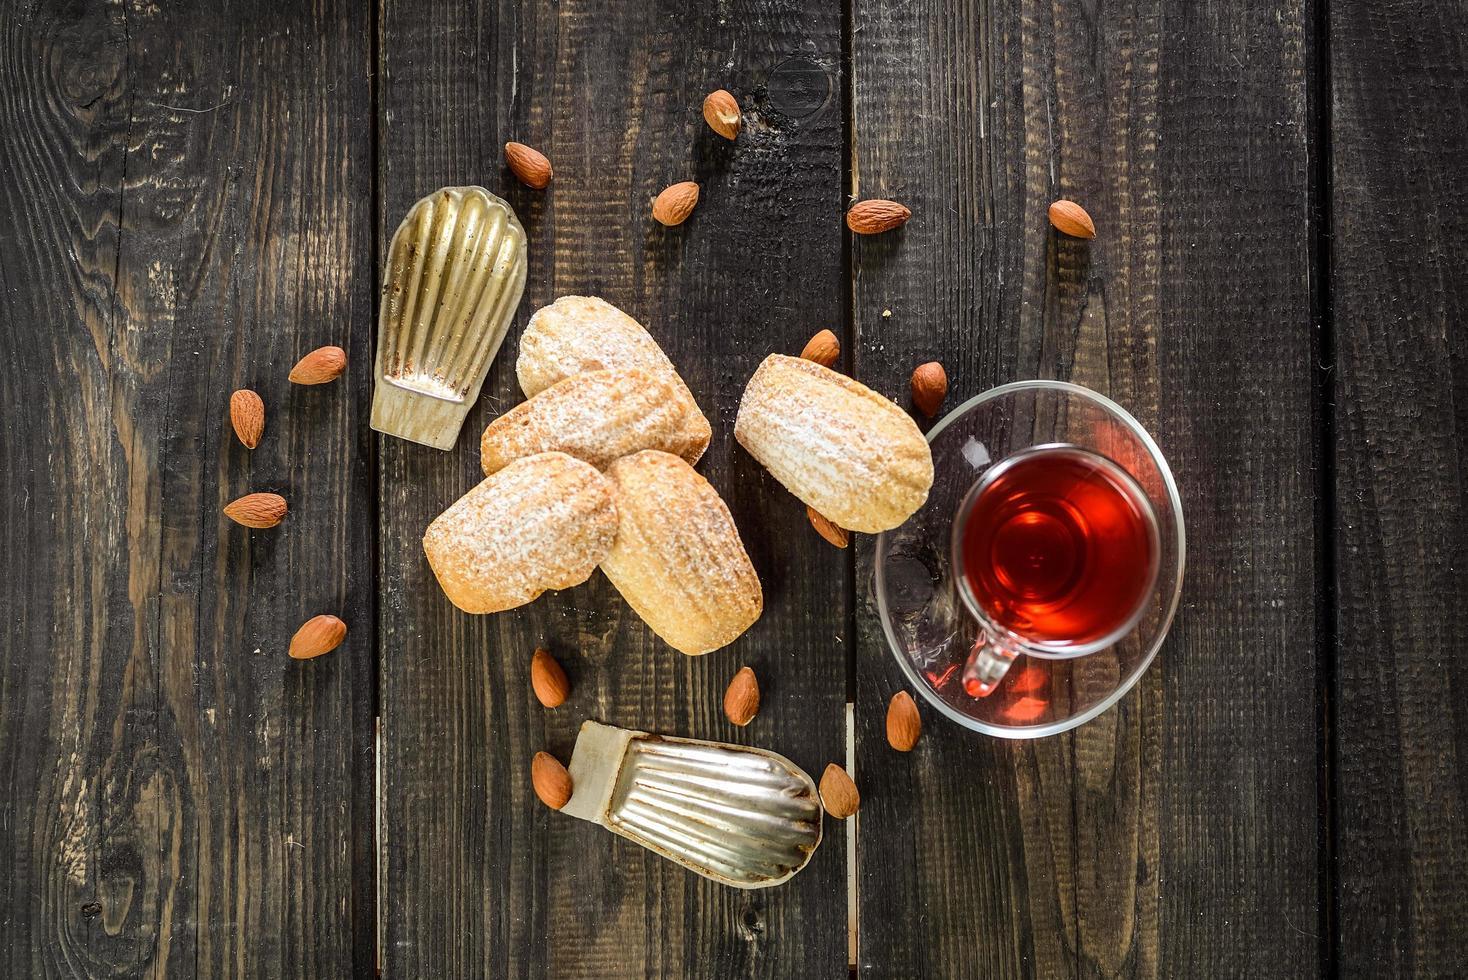 Kekse auf einem Holzhintergrund mit roter Flüssigkeit foto